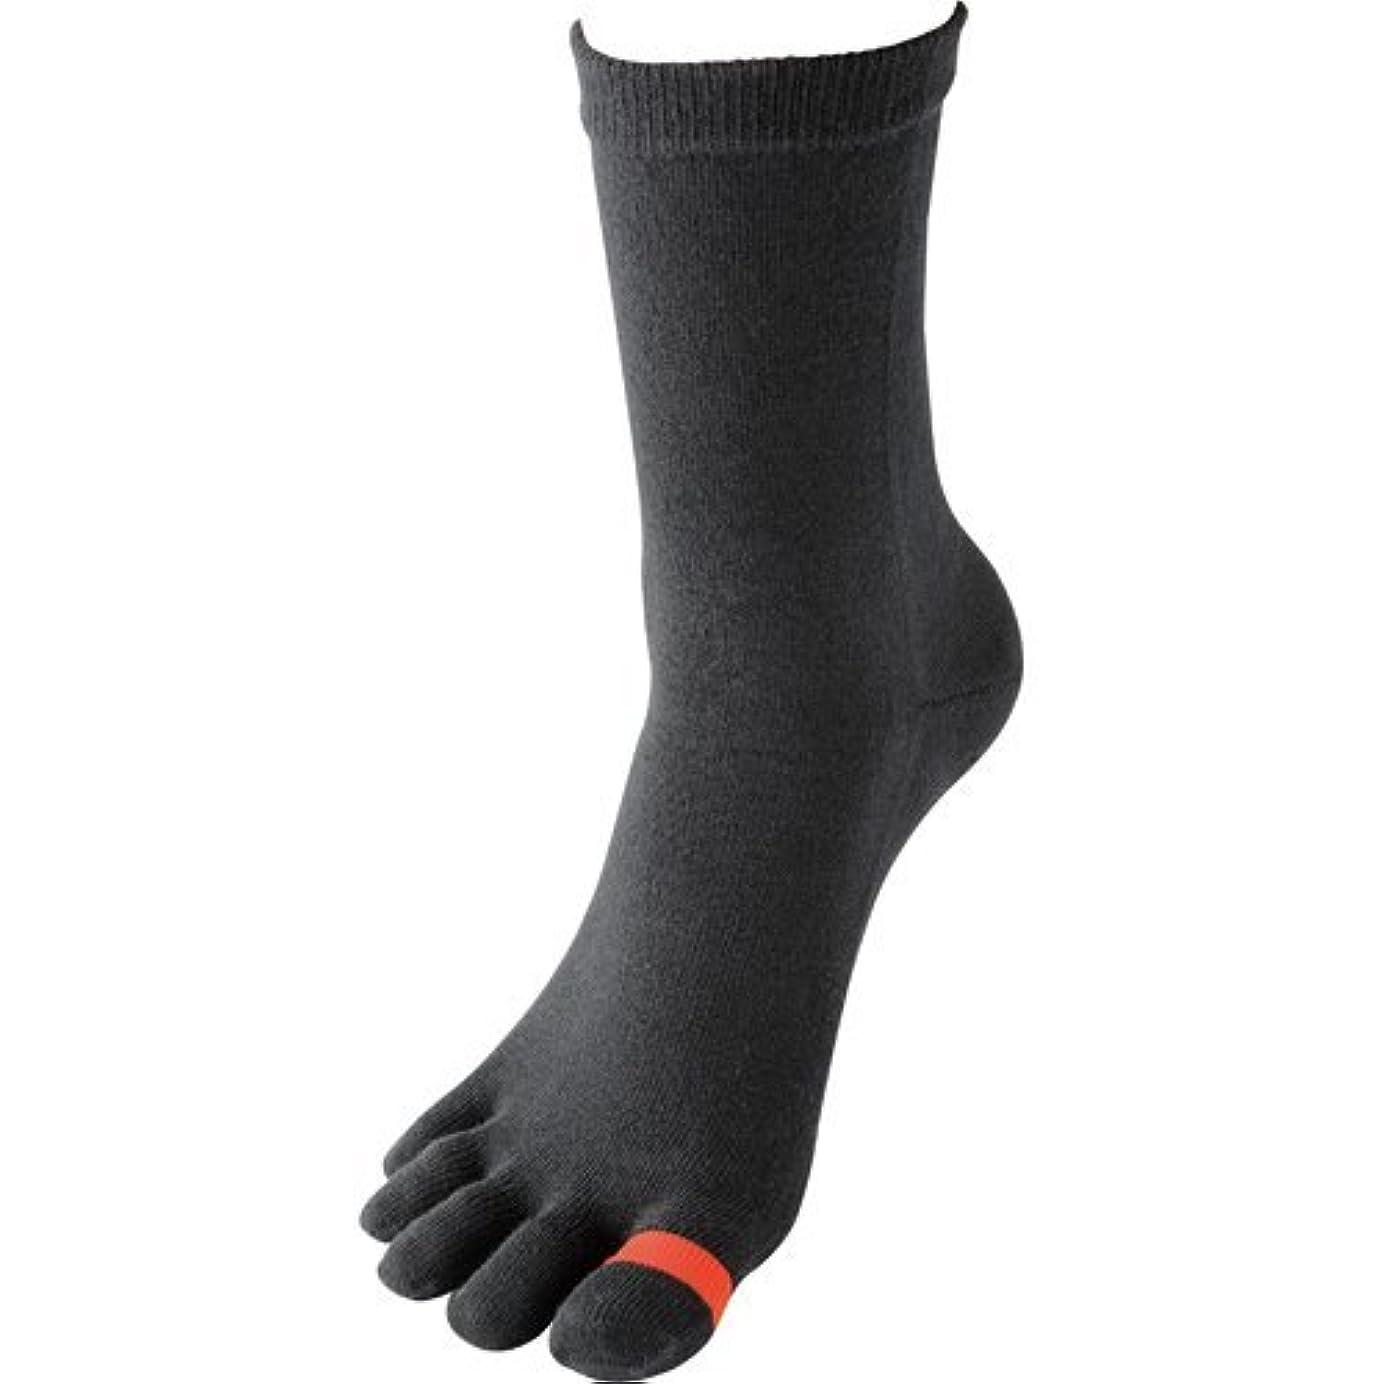 考え到着ベッツィトロットウッド勝野式 親指リング靴下 履くだけ簡単 足裏ストレッチ効果で外反母趾対策